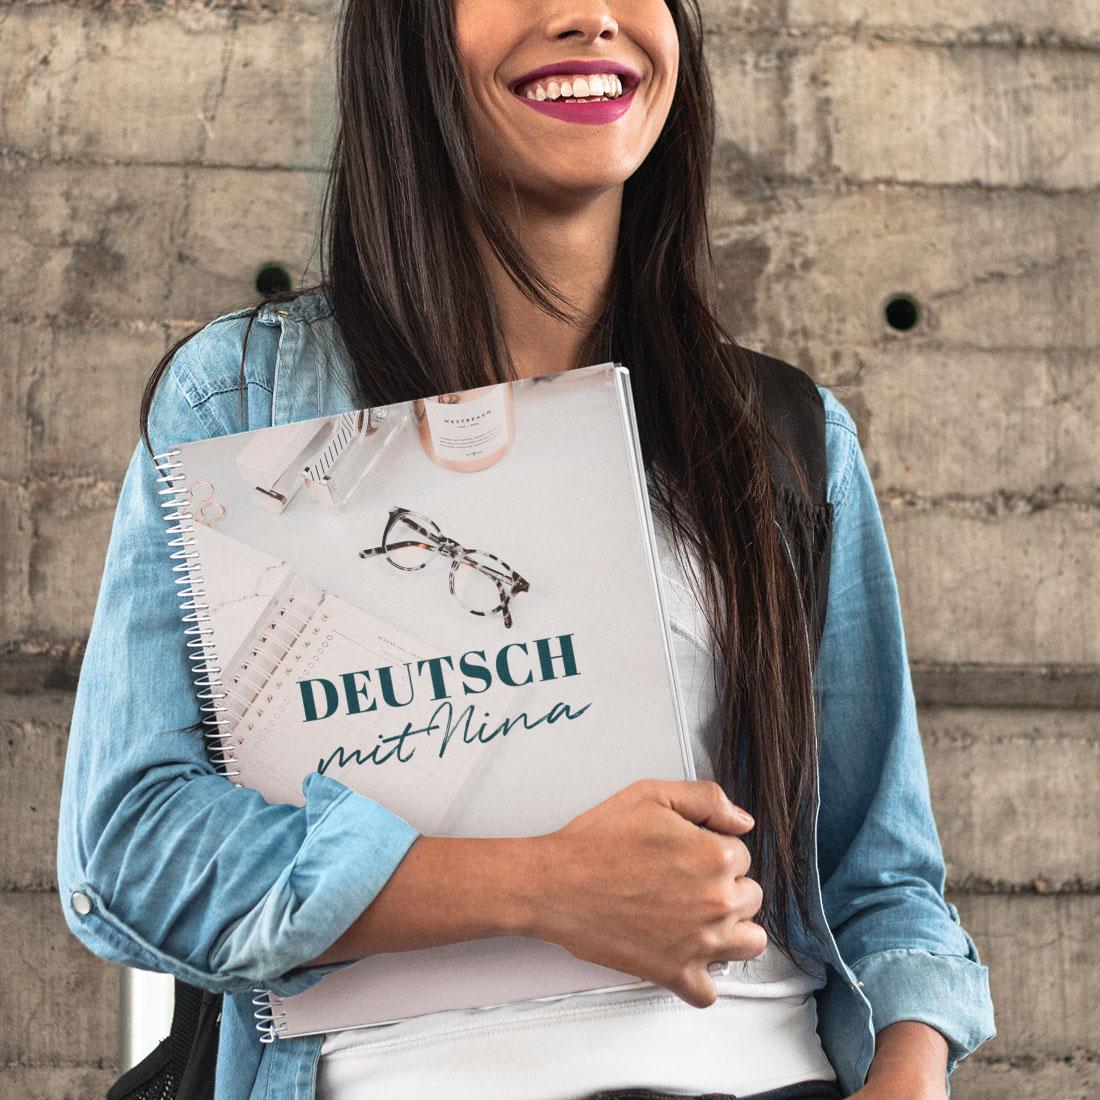 Deutsch mit Nina Brand Design